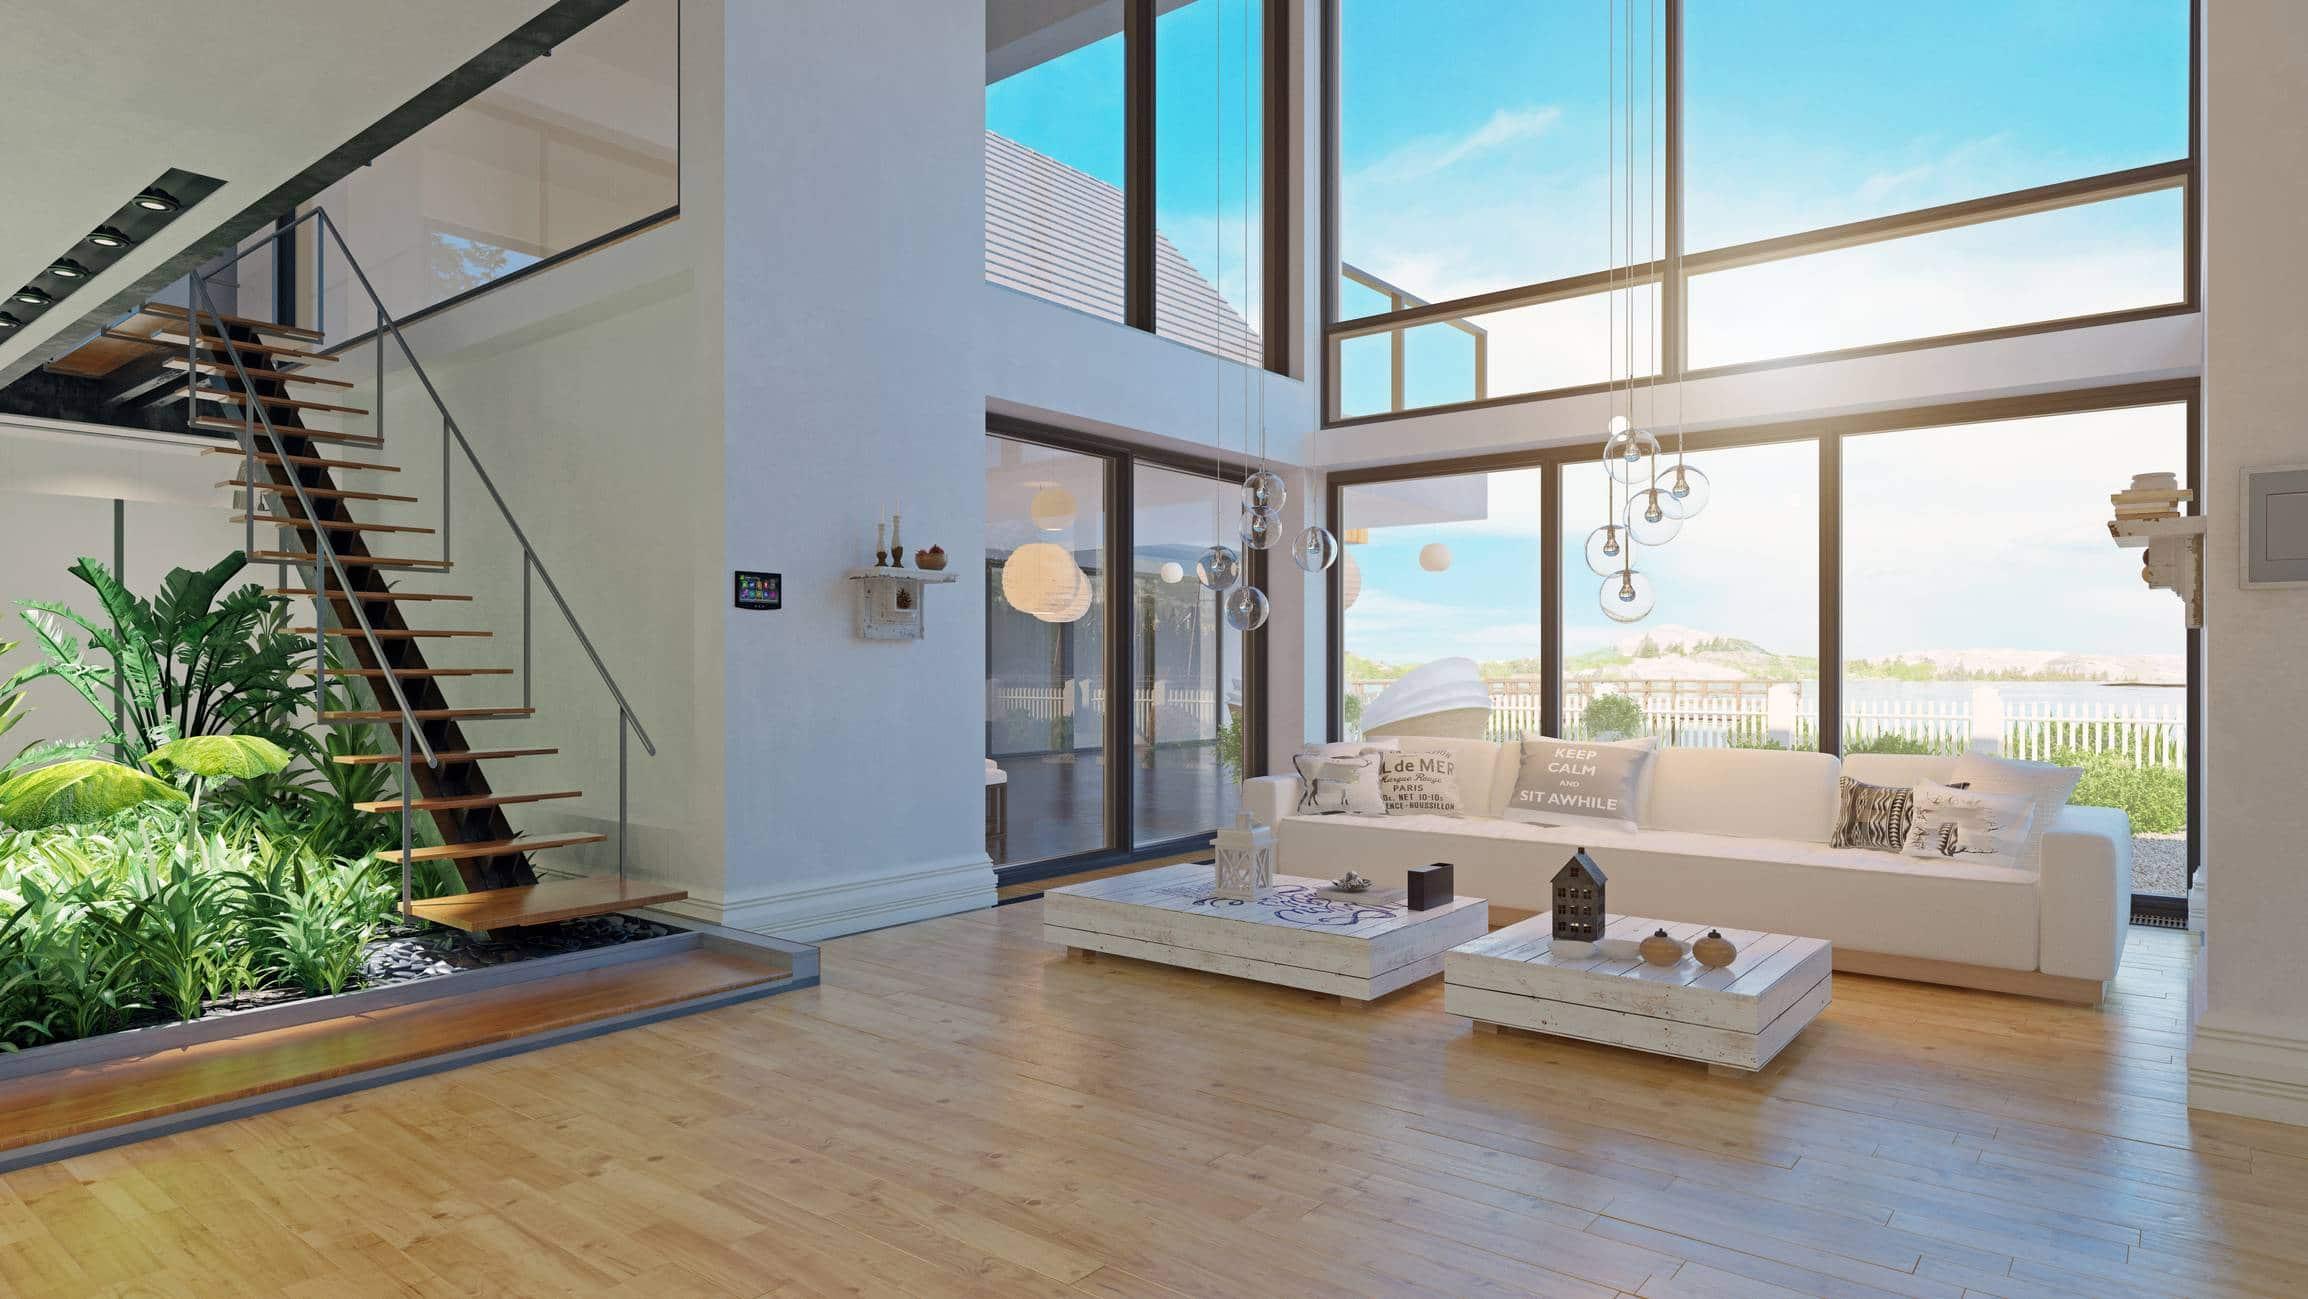 Les verrières donnent en outre l'impression d'agrandir votre espace intérieur